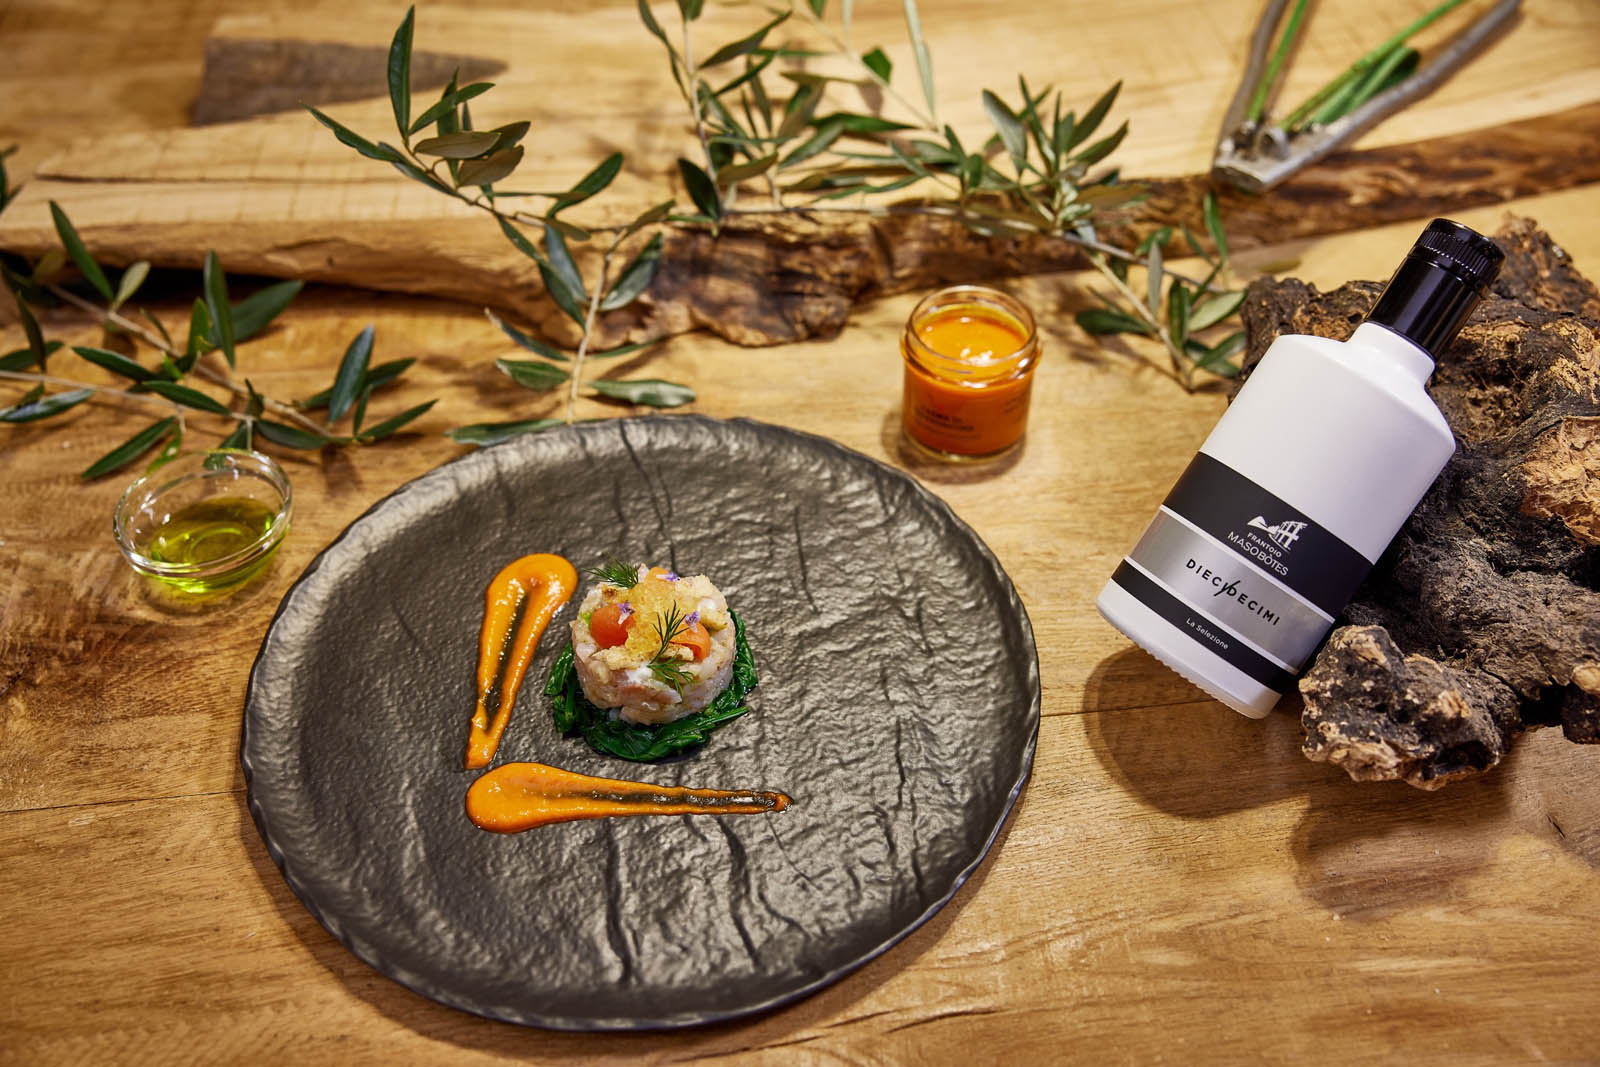 Maso Botes DieciDecimi - Olio Extravergine di oliva Biologico Monocultivar Casaliva